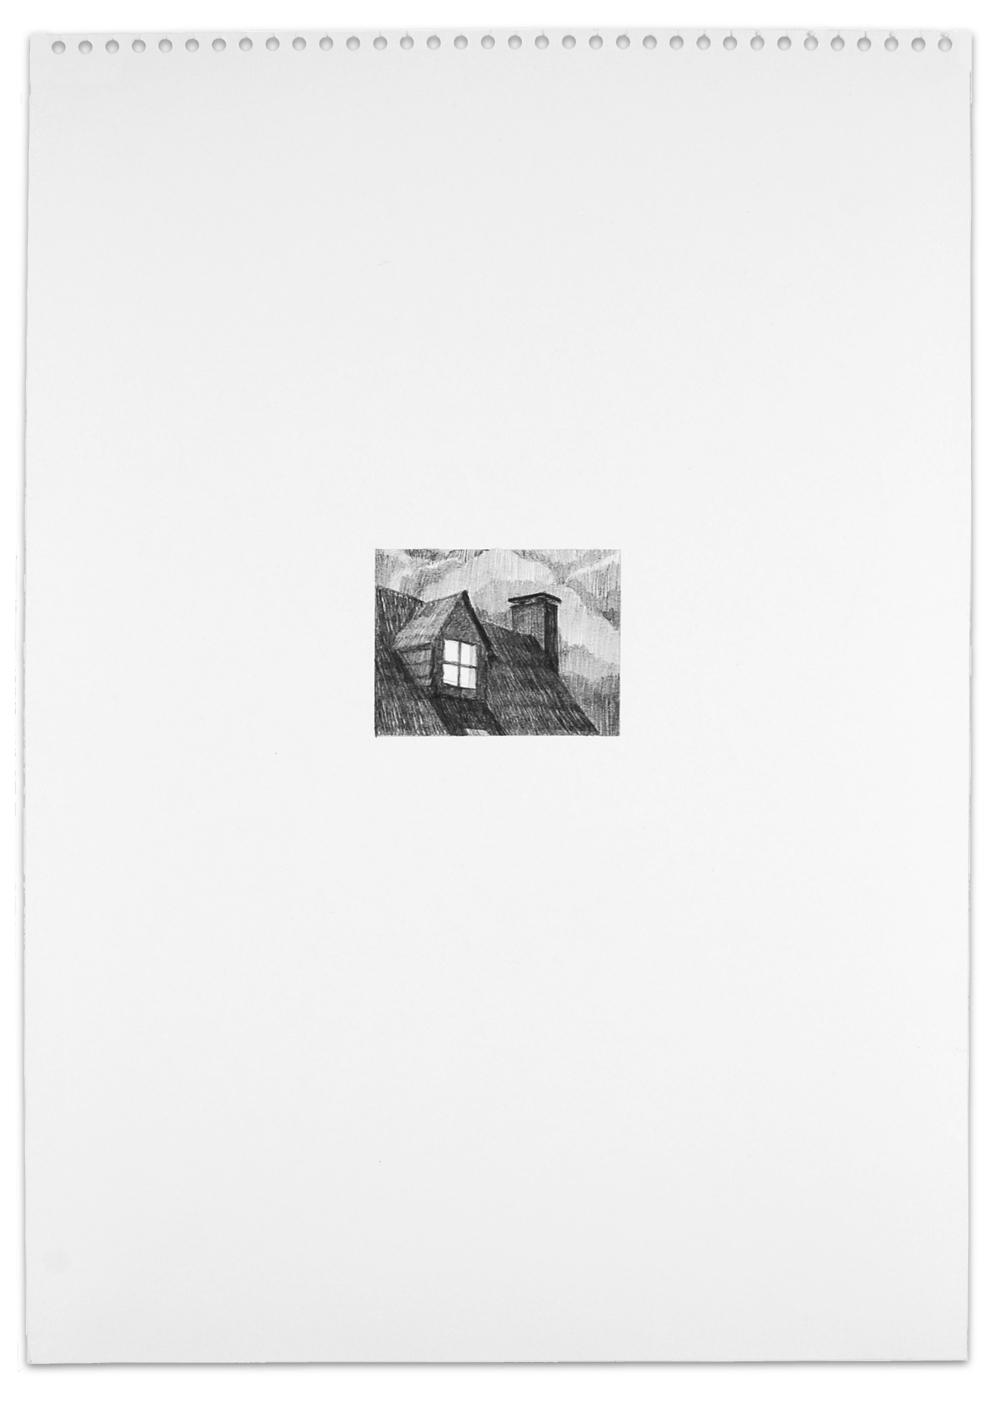 Secret (Dormer), Graphite on Paper,16.5x 11.5